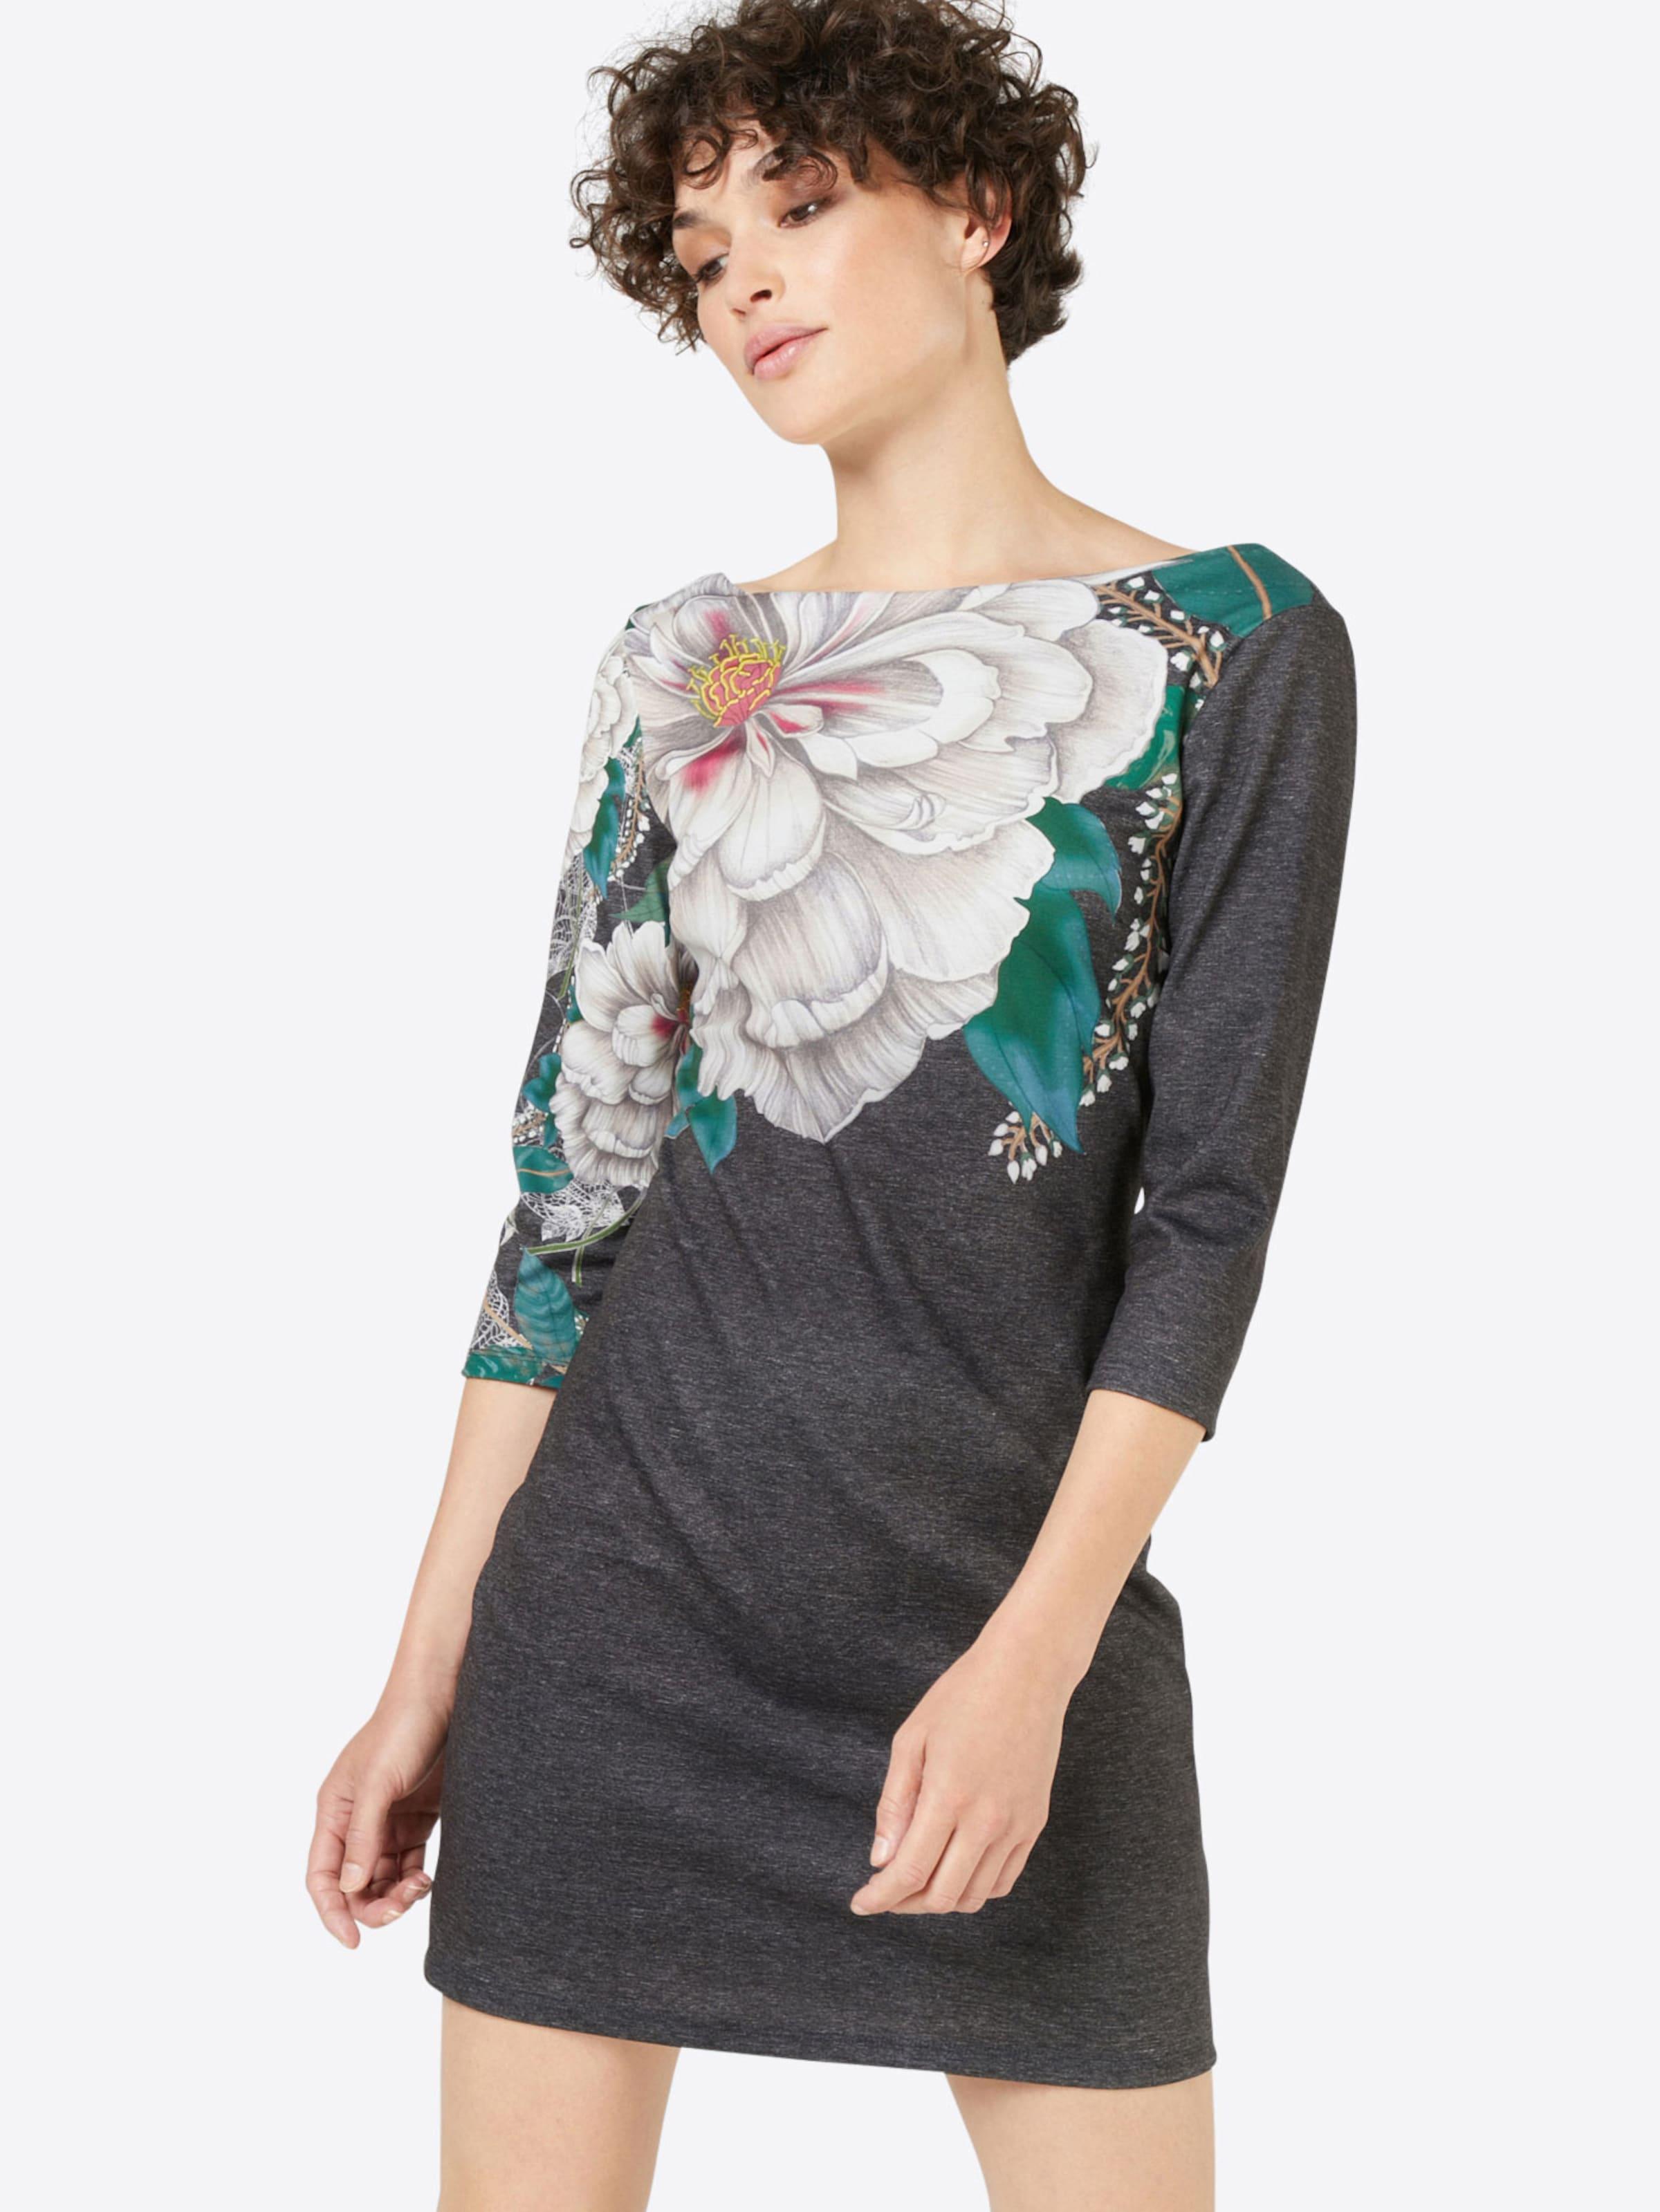 100% Authentisch Spielraum Echt Desigual Shirtkleid 'PICHI' Vorbestellung Verkauf Online Große Überraschung Günstig Kaufen Neueste 6Ejc0j0